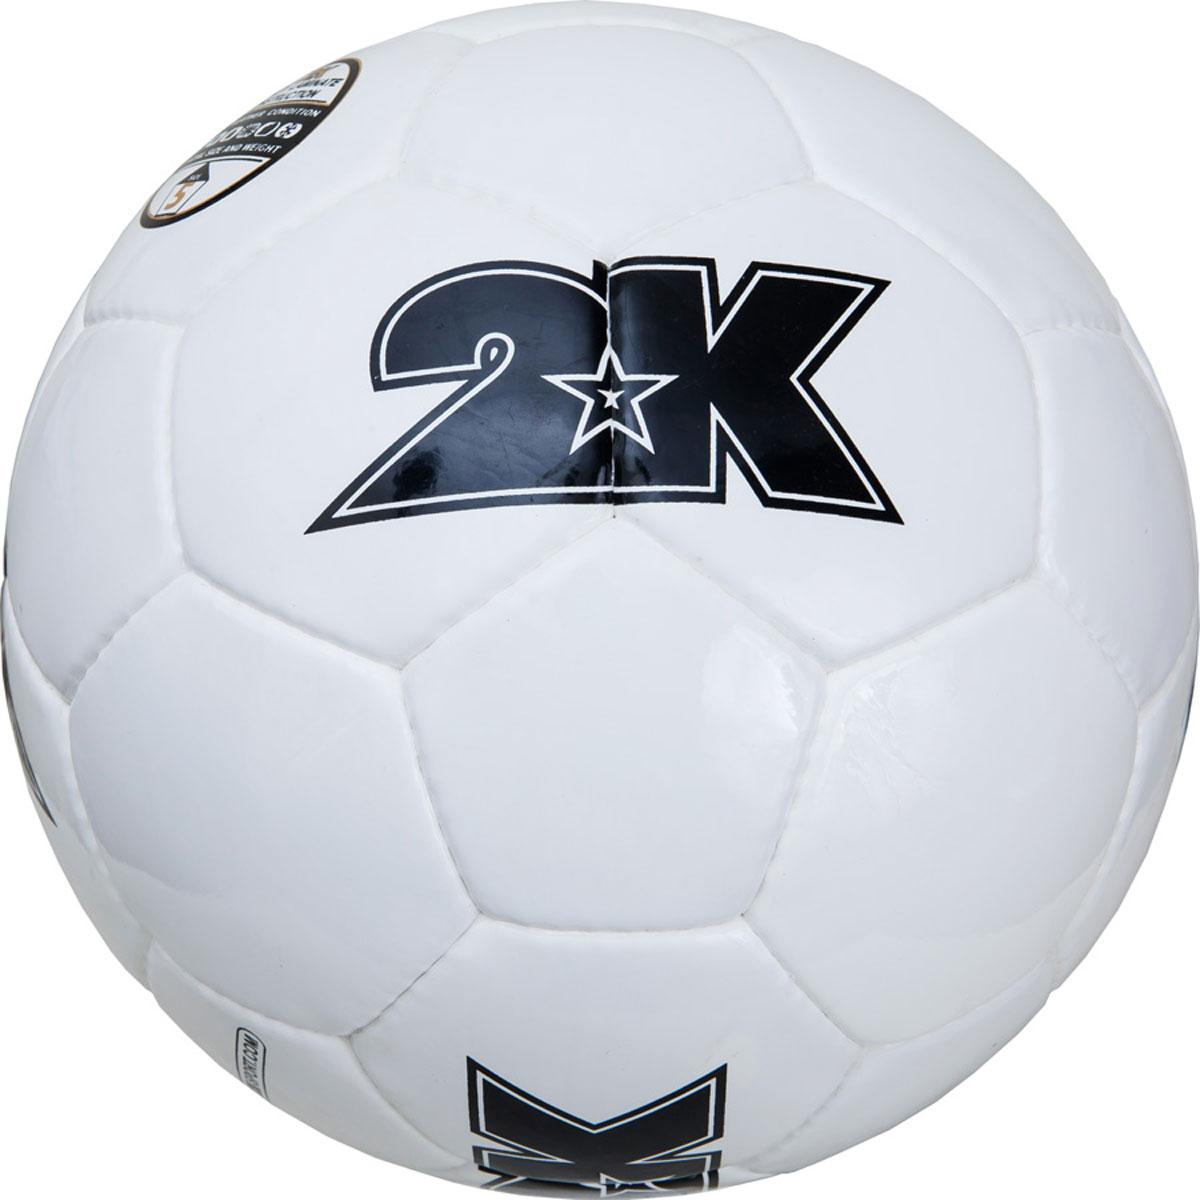 Мяч футбольный 2K Sport Merkury, цвет: белый, черный. Размер 5 2k sport 2k sport fenix pro cotton ls